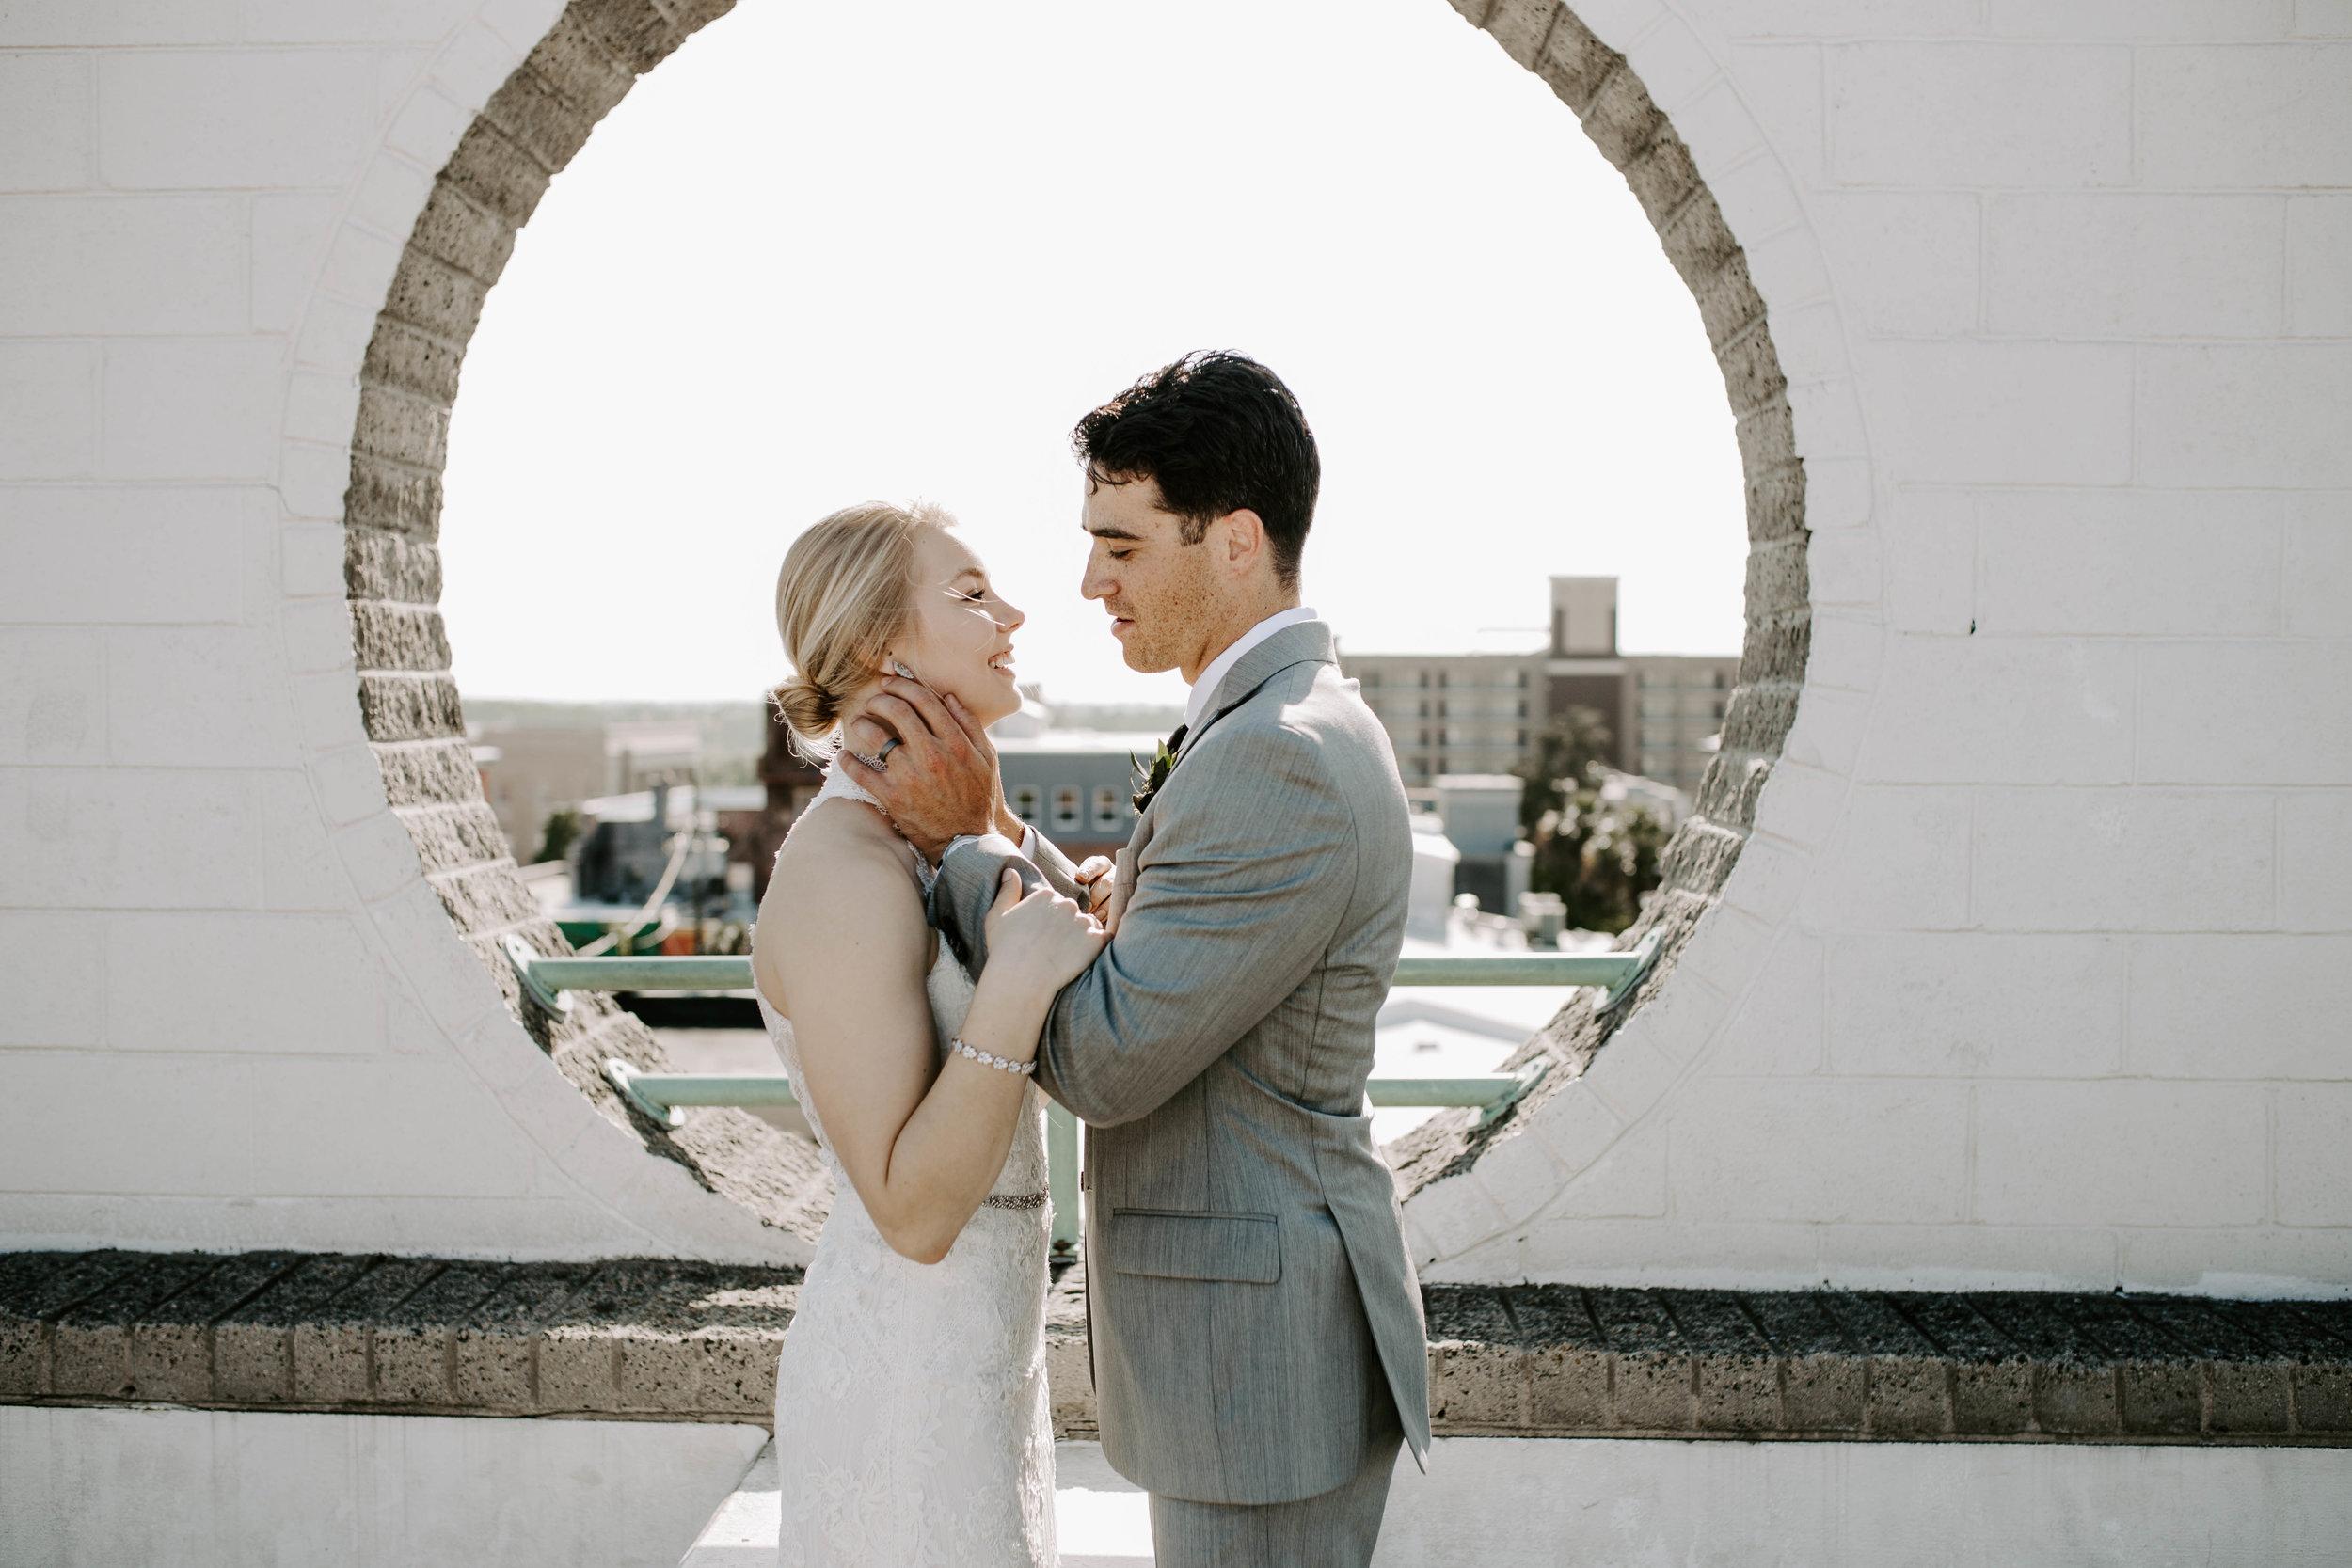 de Serres Wedding - wilmington, NC